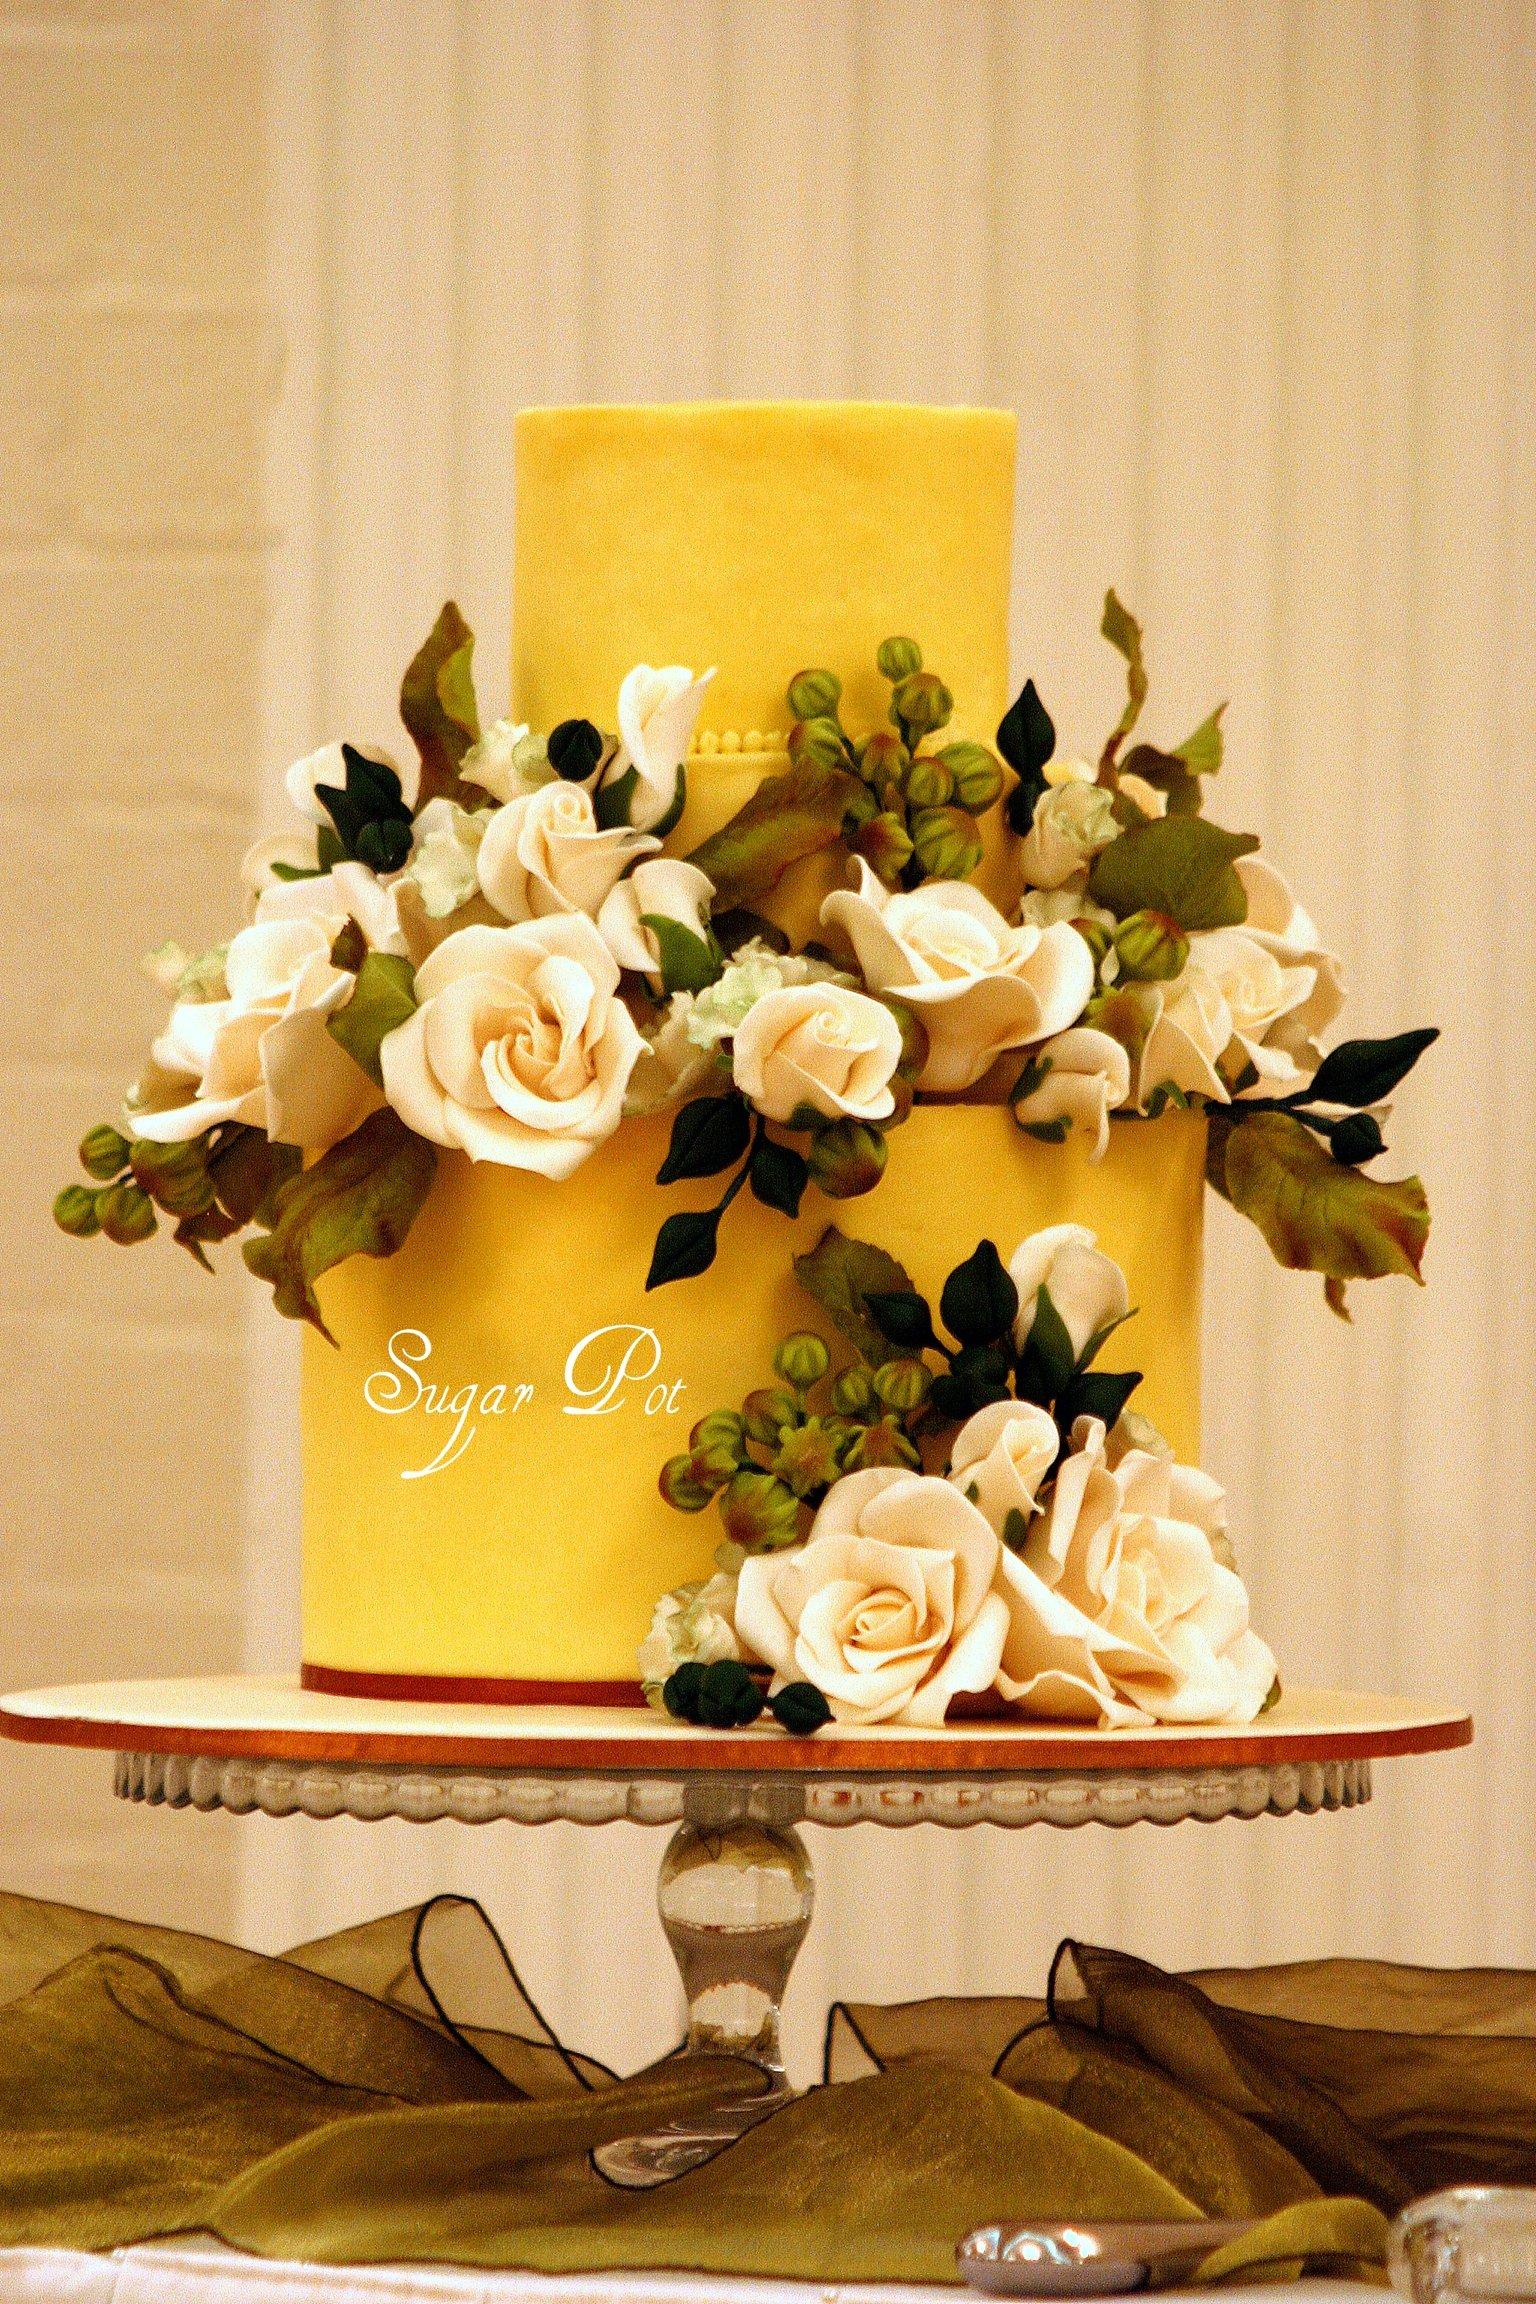 succomberez vous au jaune curry couleur tendance 2018 pour colorer votre th me de mariage. Black Bedroom Furniture Sets. Home Design Ideas